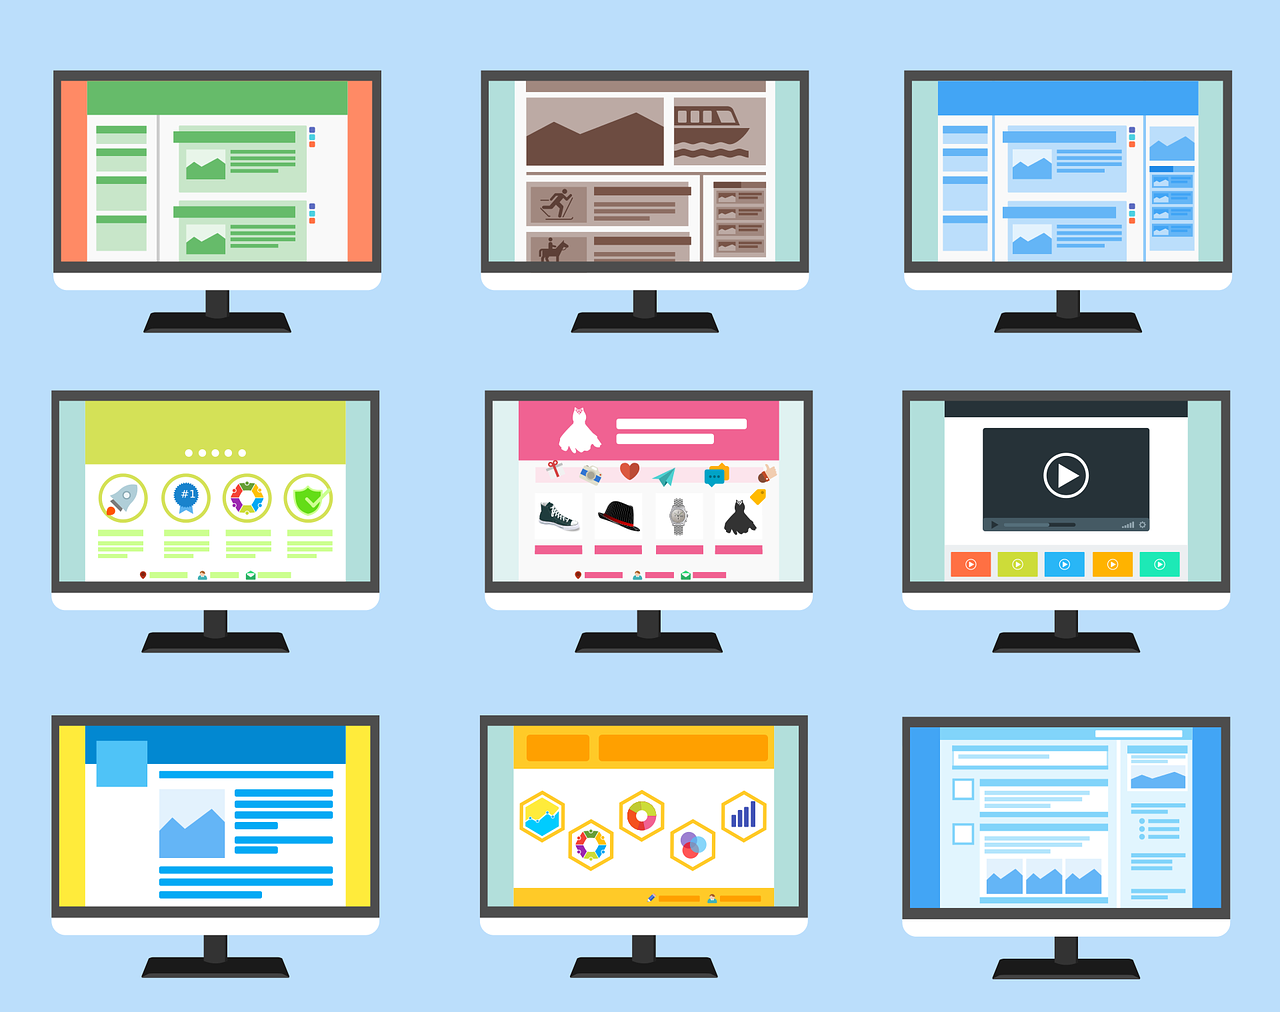 przedstawione rodzaje i typy stron www na monitorach